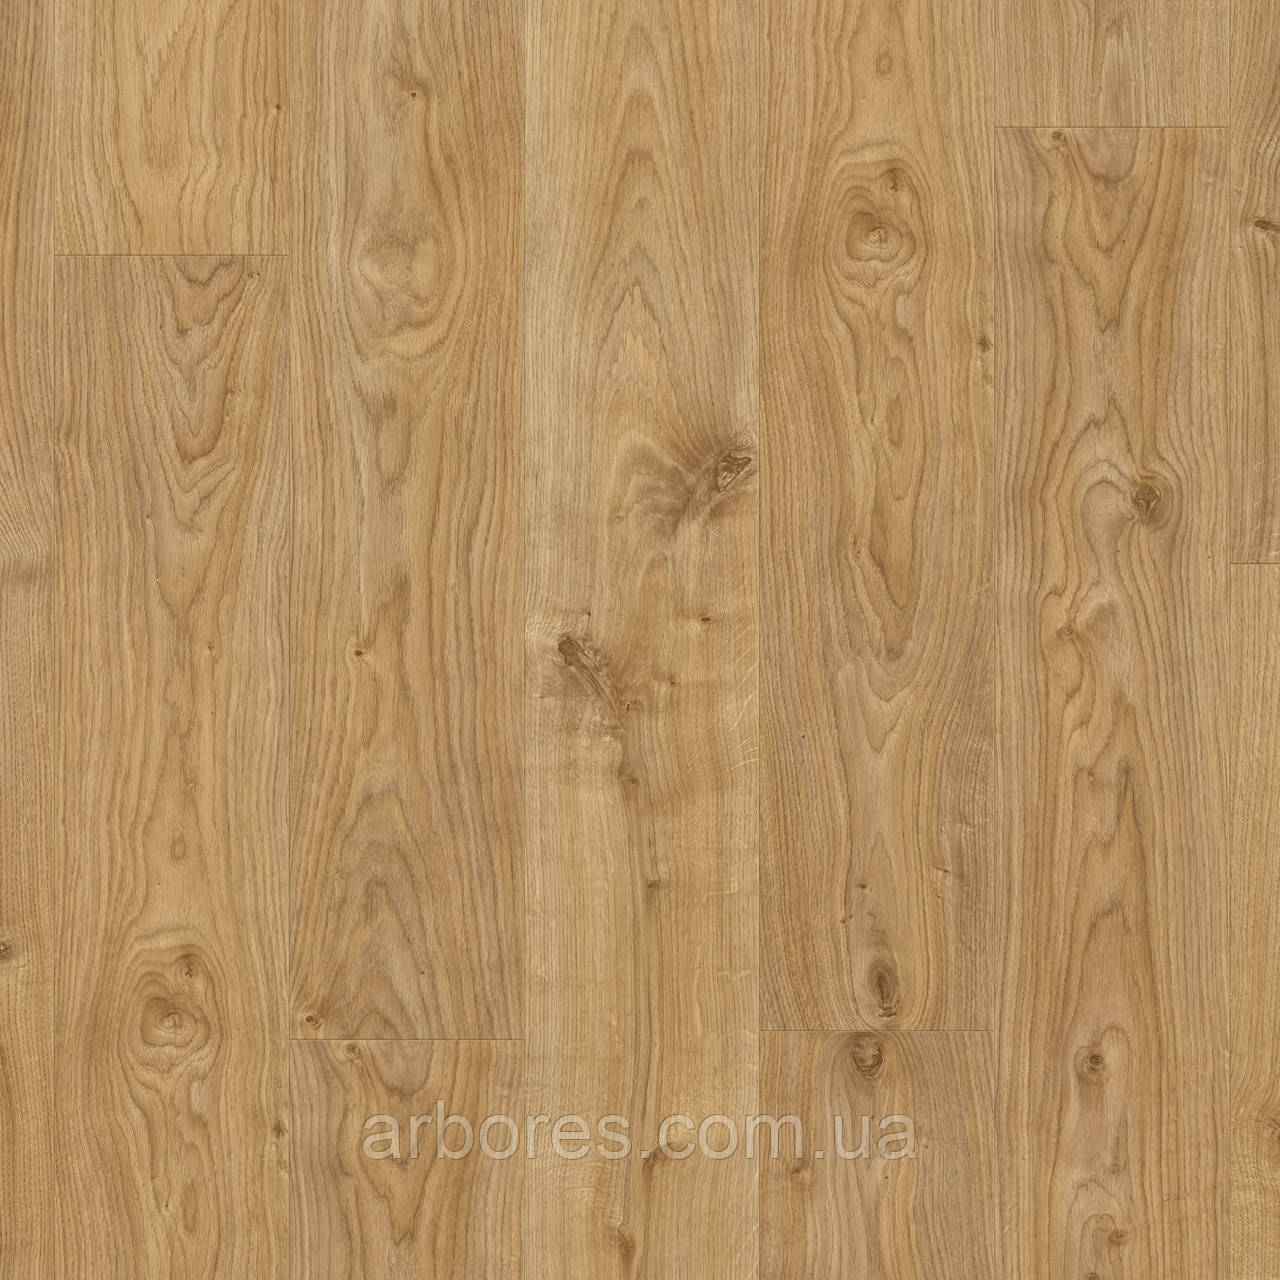 Виниловая плитка Quick-Step Livyn Balance Click BACL40025 Дуб коттедж натуральный